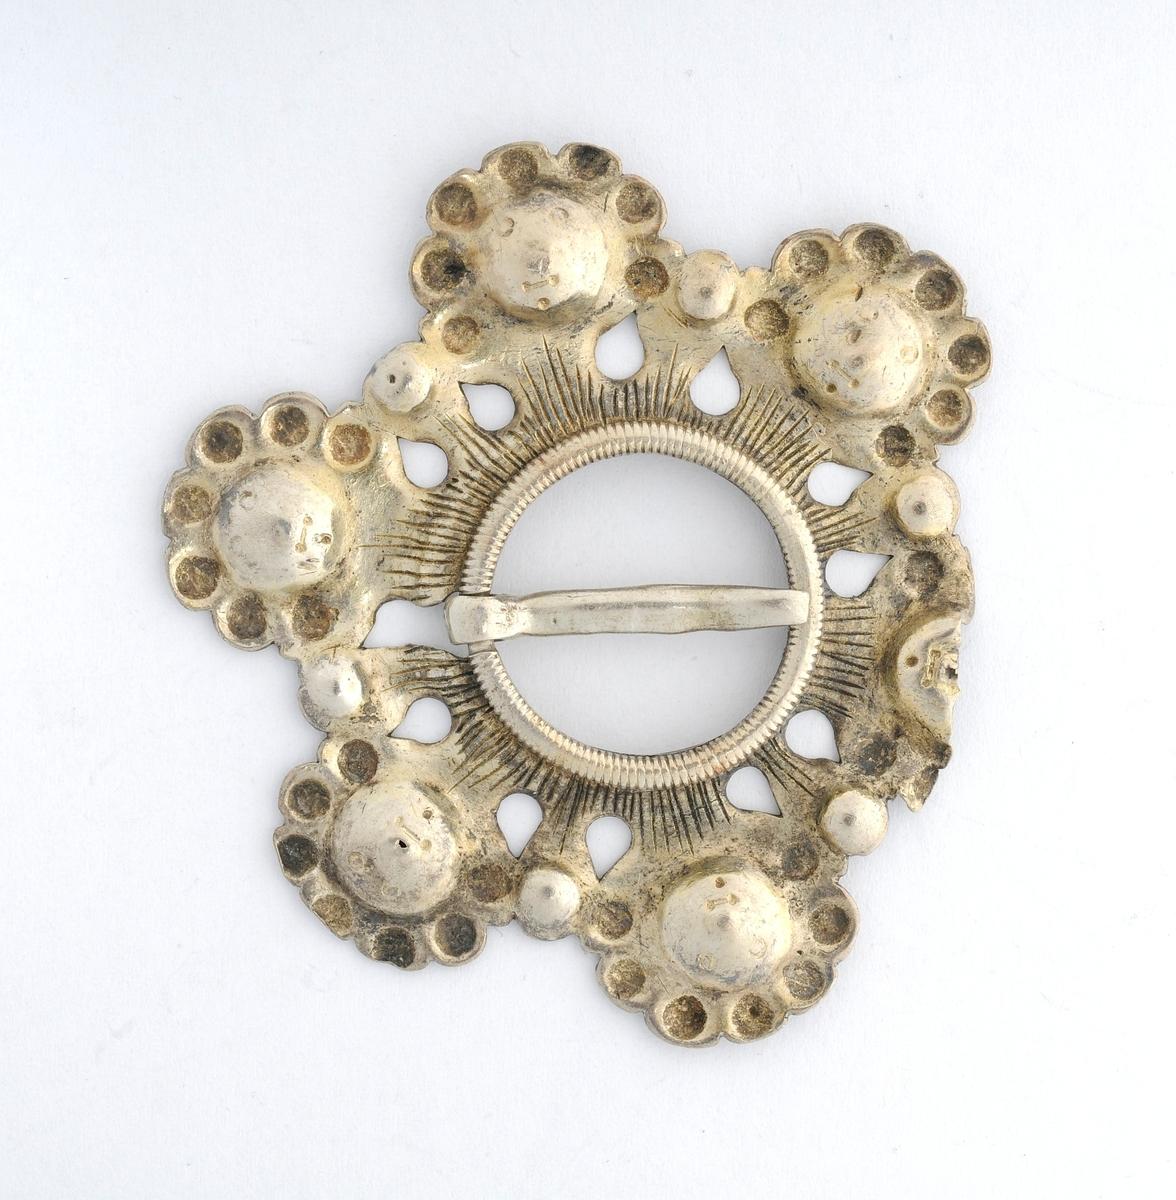 Sølje, i sølv (utan stempel).  Rund hamra plate med seks blad som er forma som eit ansikt. Open sirkel i midten med tann (nål). Tanna er avbroten. Det eine bladet er også avbrote.